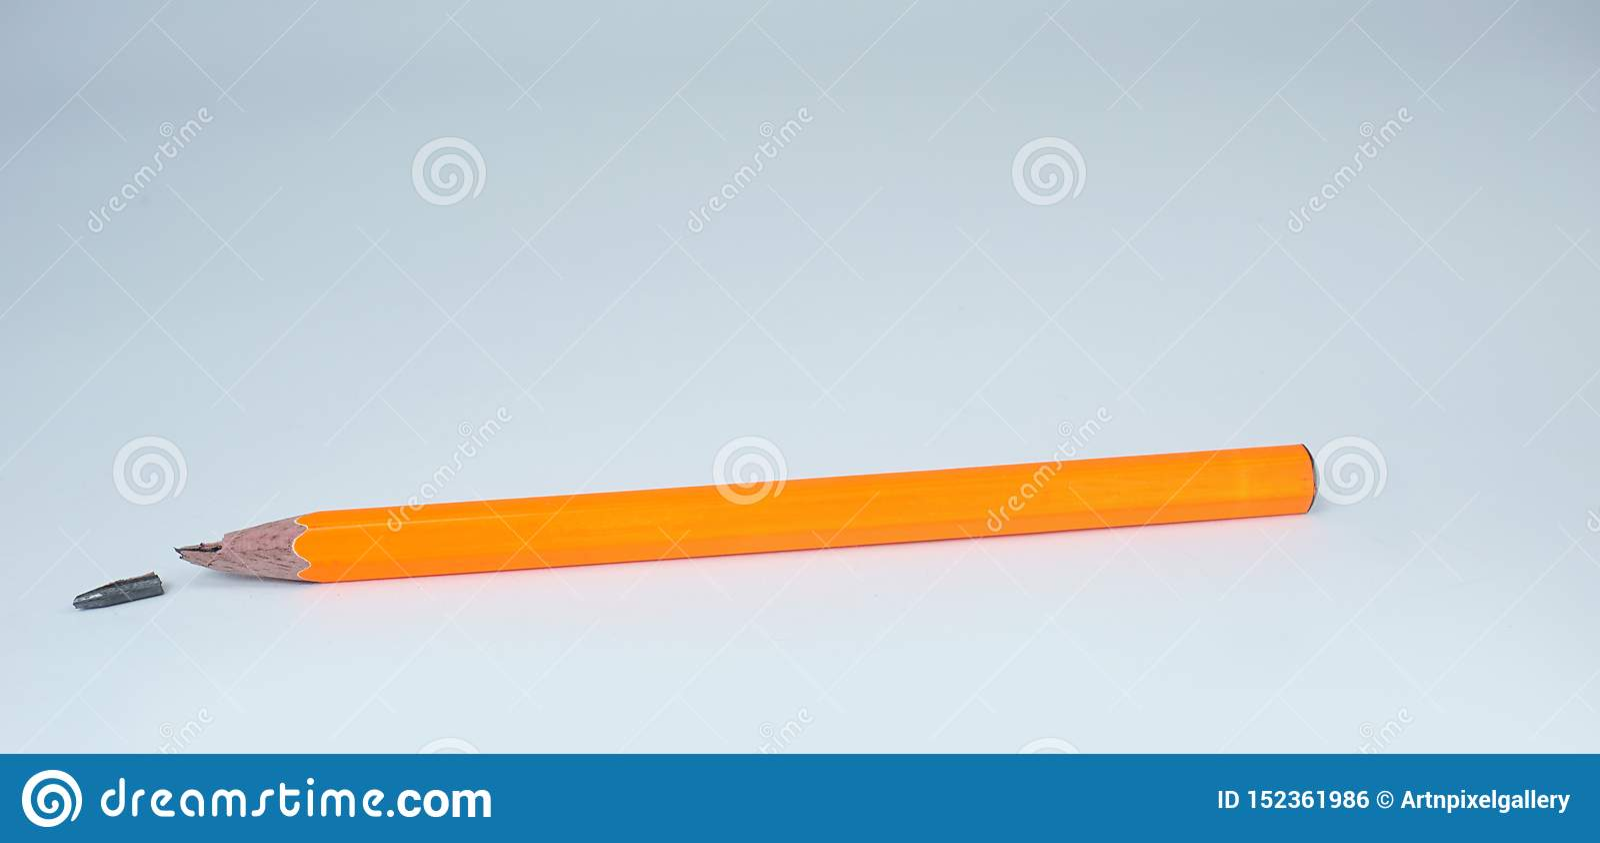 Łamany pomarańczowy ołówek na białym tle